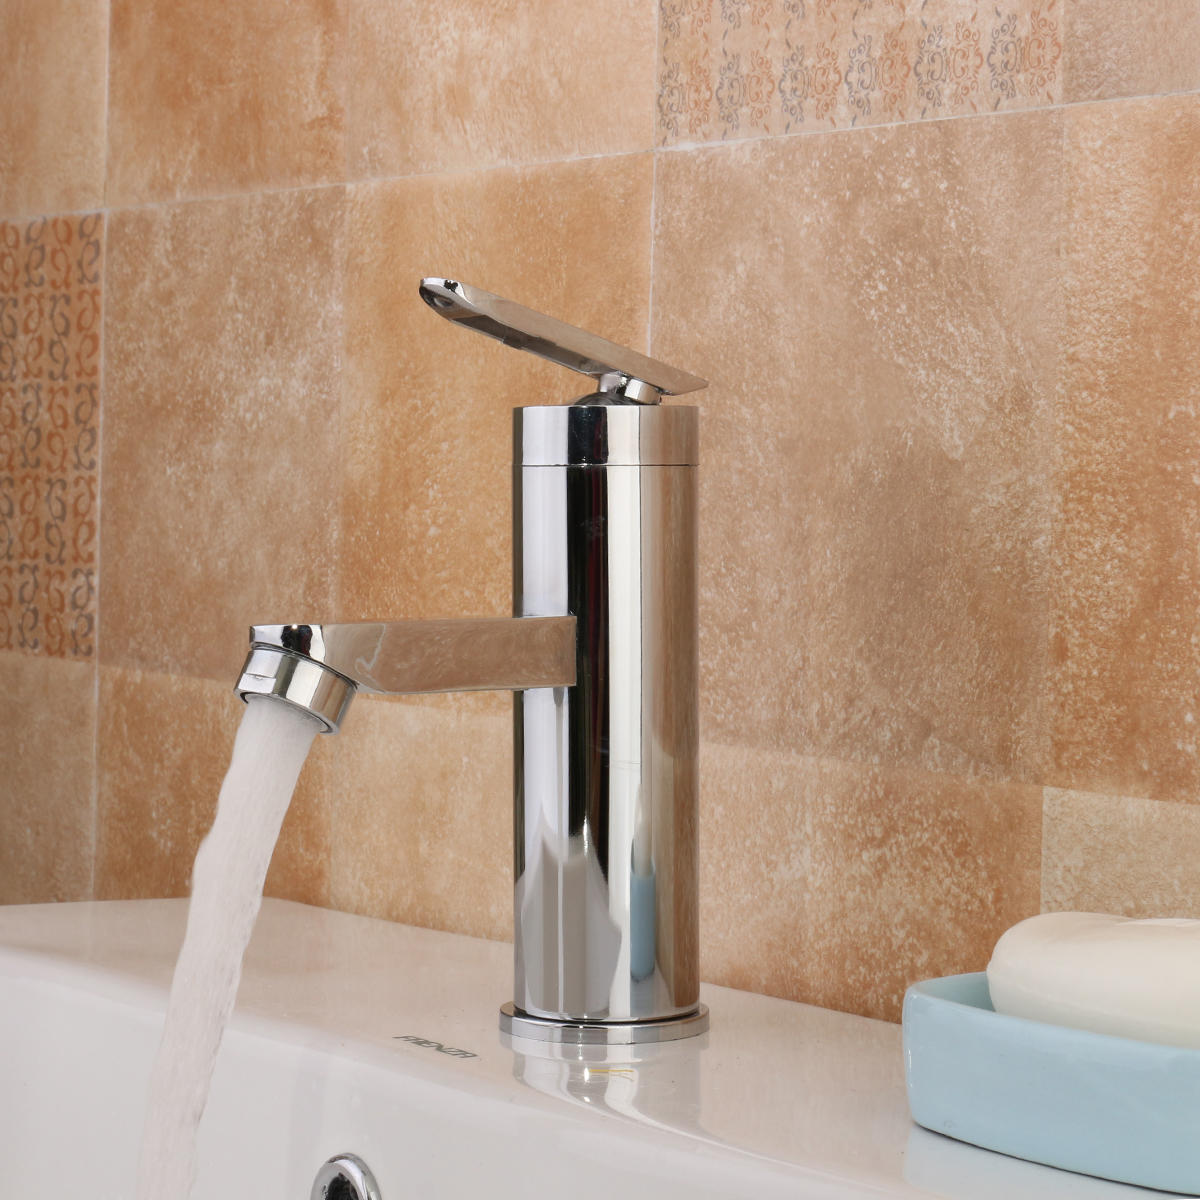 Матовый хром водопад ванной бассейна кран ручкой смеситель раковина масло втирают бронзовый ванной бассейна кран vesse раковина смеситель одной ручкой новый tree697